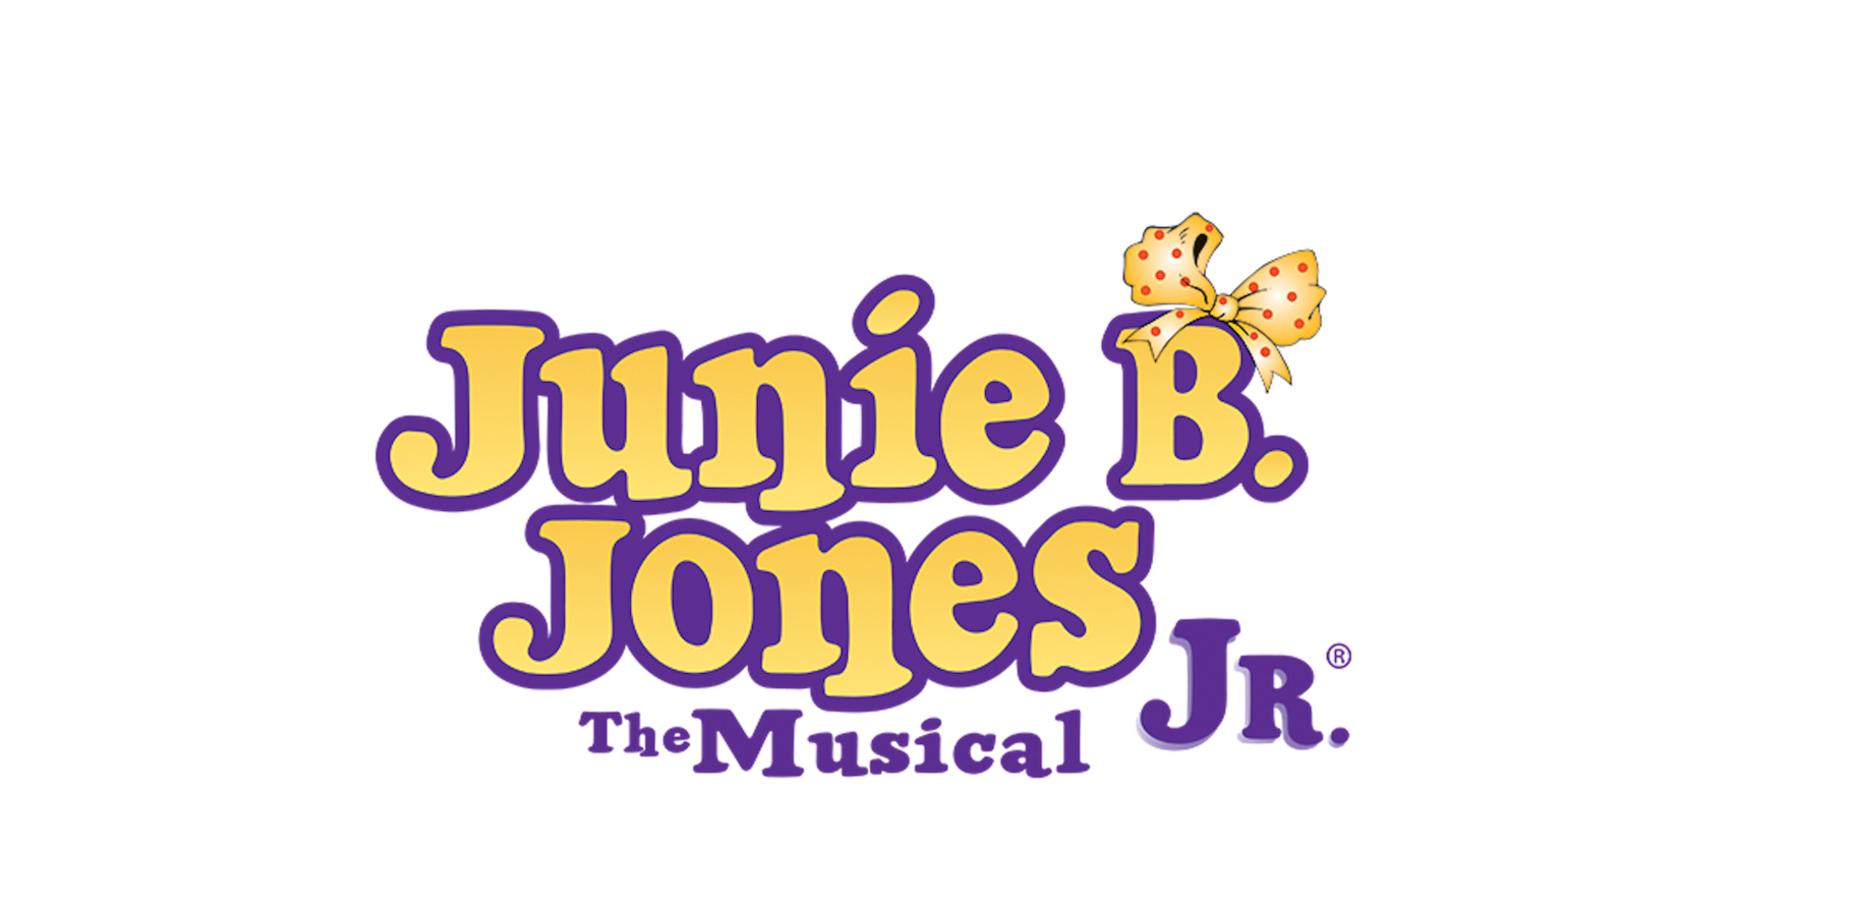 B jones